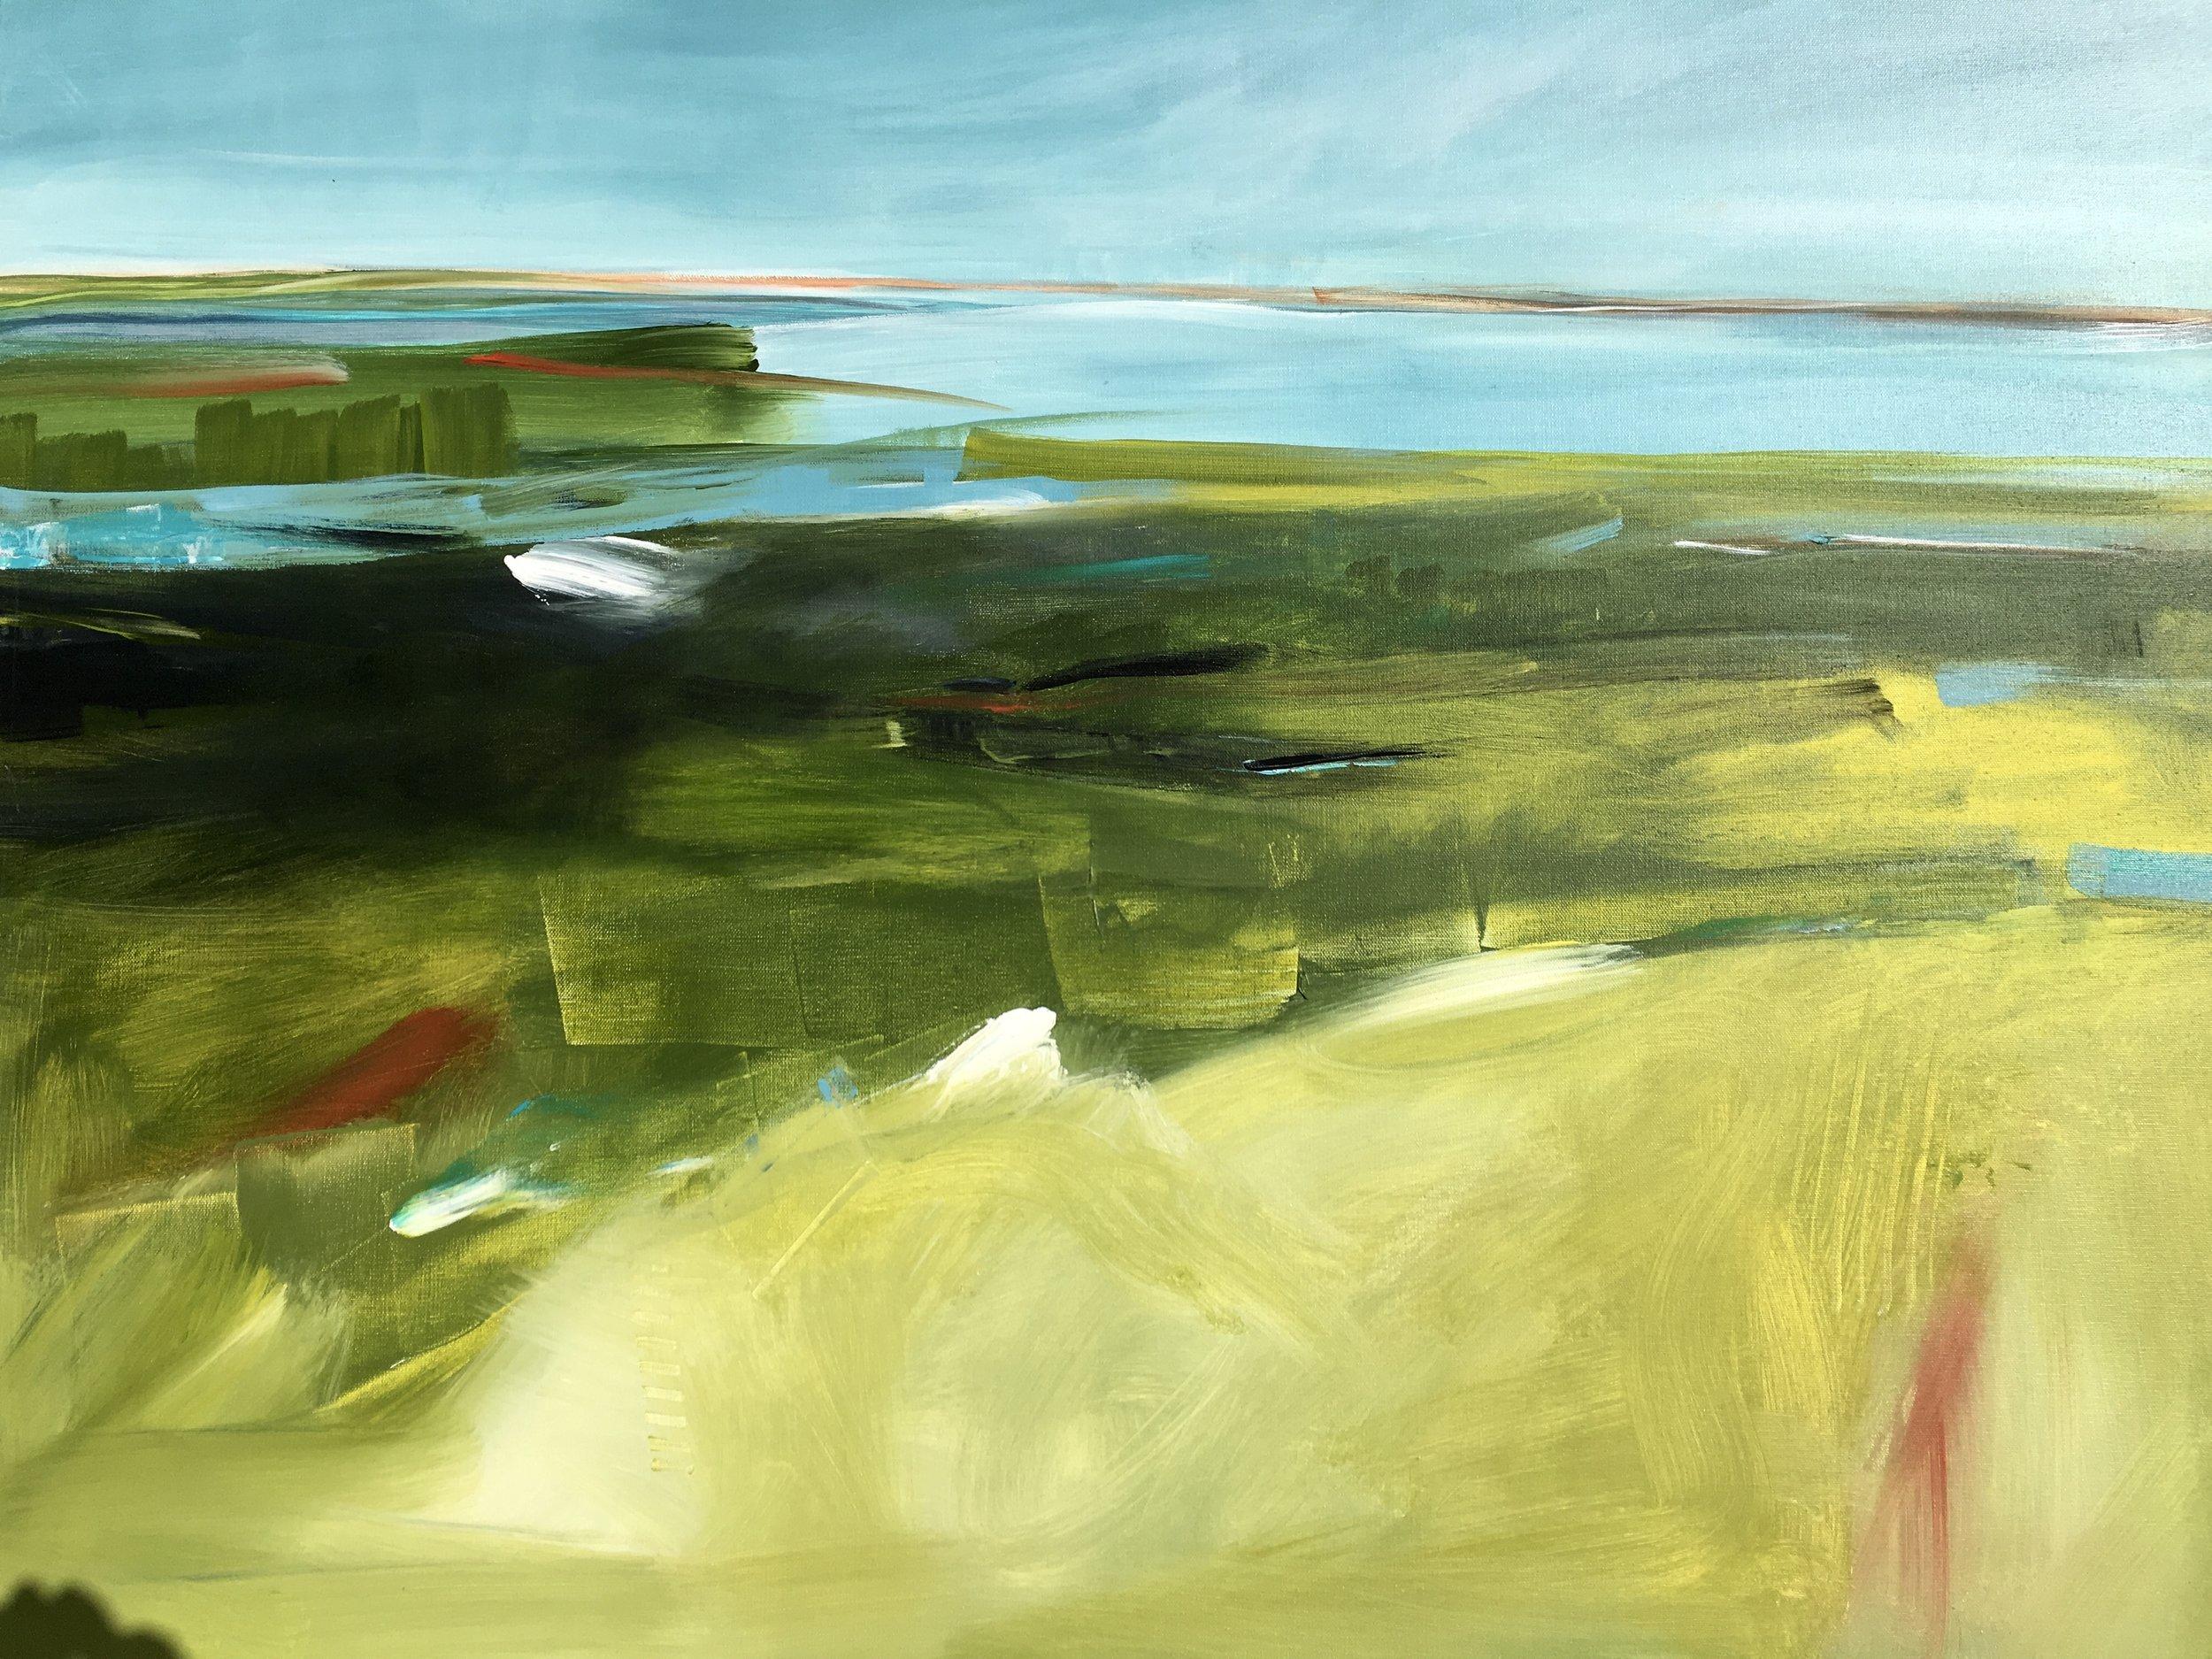 Grasso_Coastal Rhythm_acrylic on canvas_30x40_3500.jpg